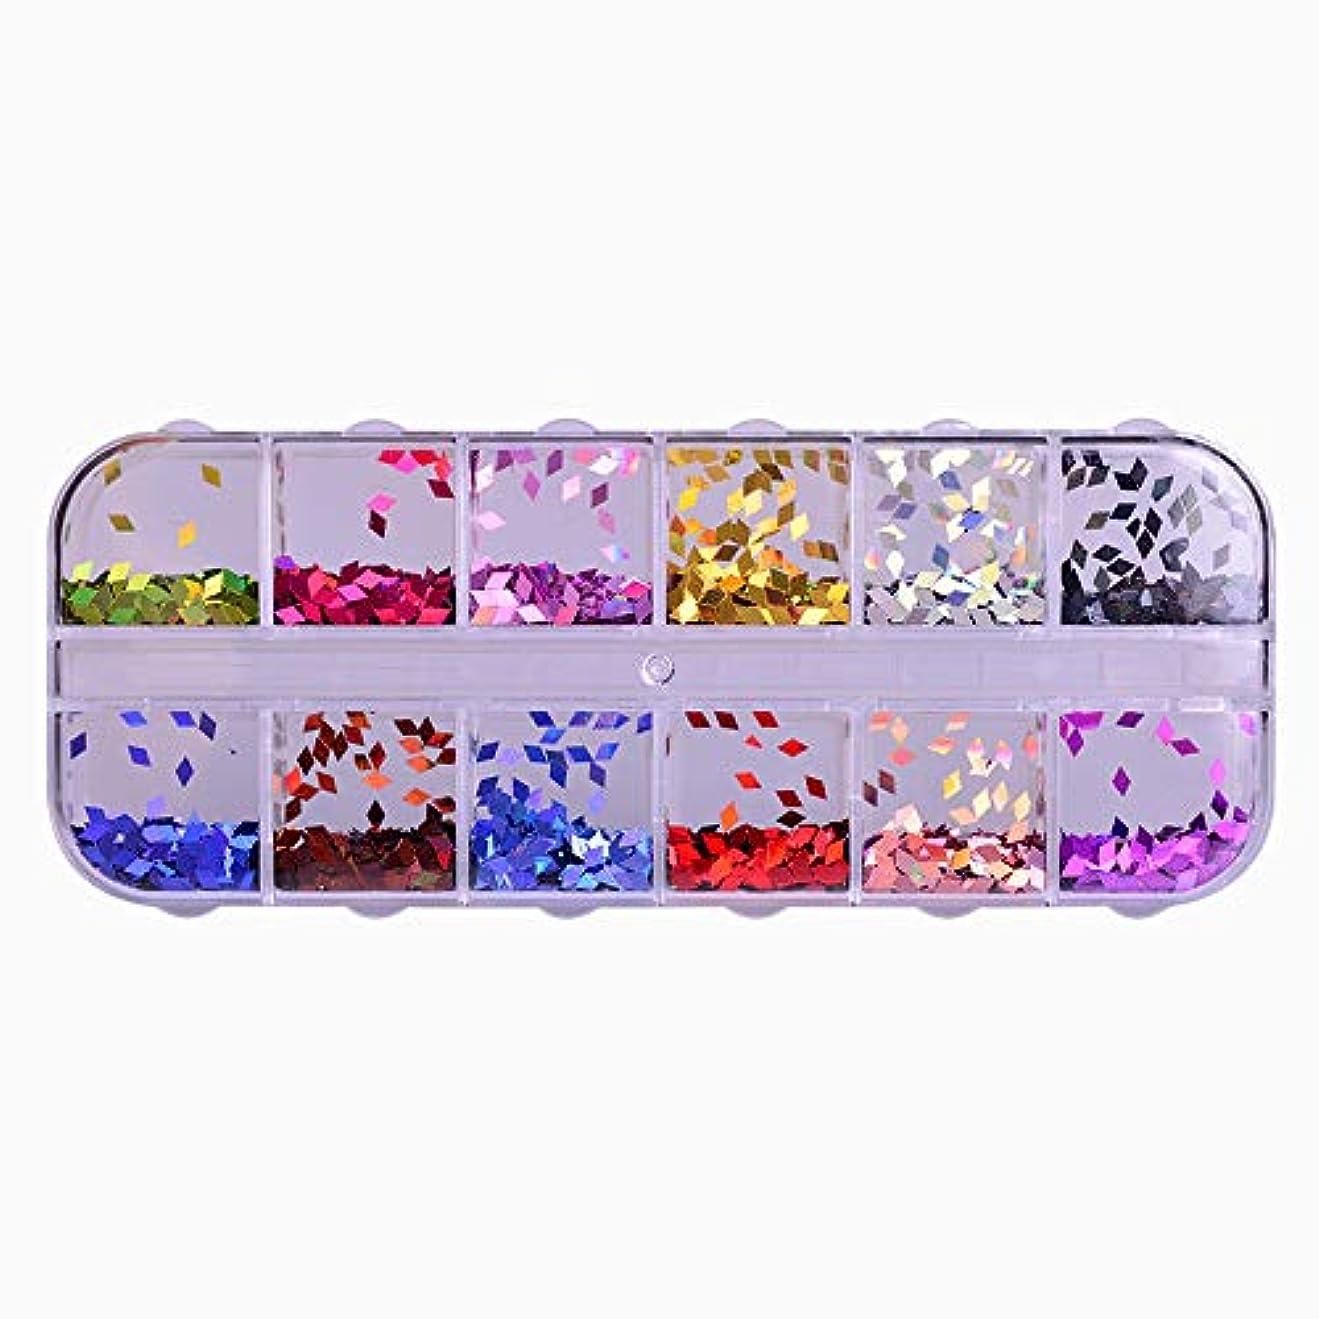 軽量辛な祭り12 Color Rhombus Laser Sequin Nail Art Sparkly Slice Paillette 3D Salon Decor Accessory for DIY Glitter Flake...